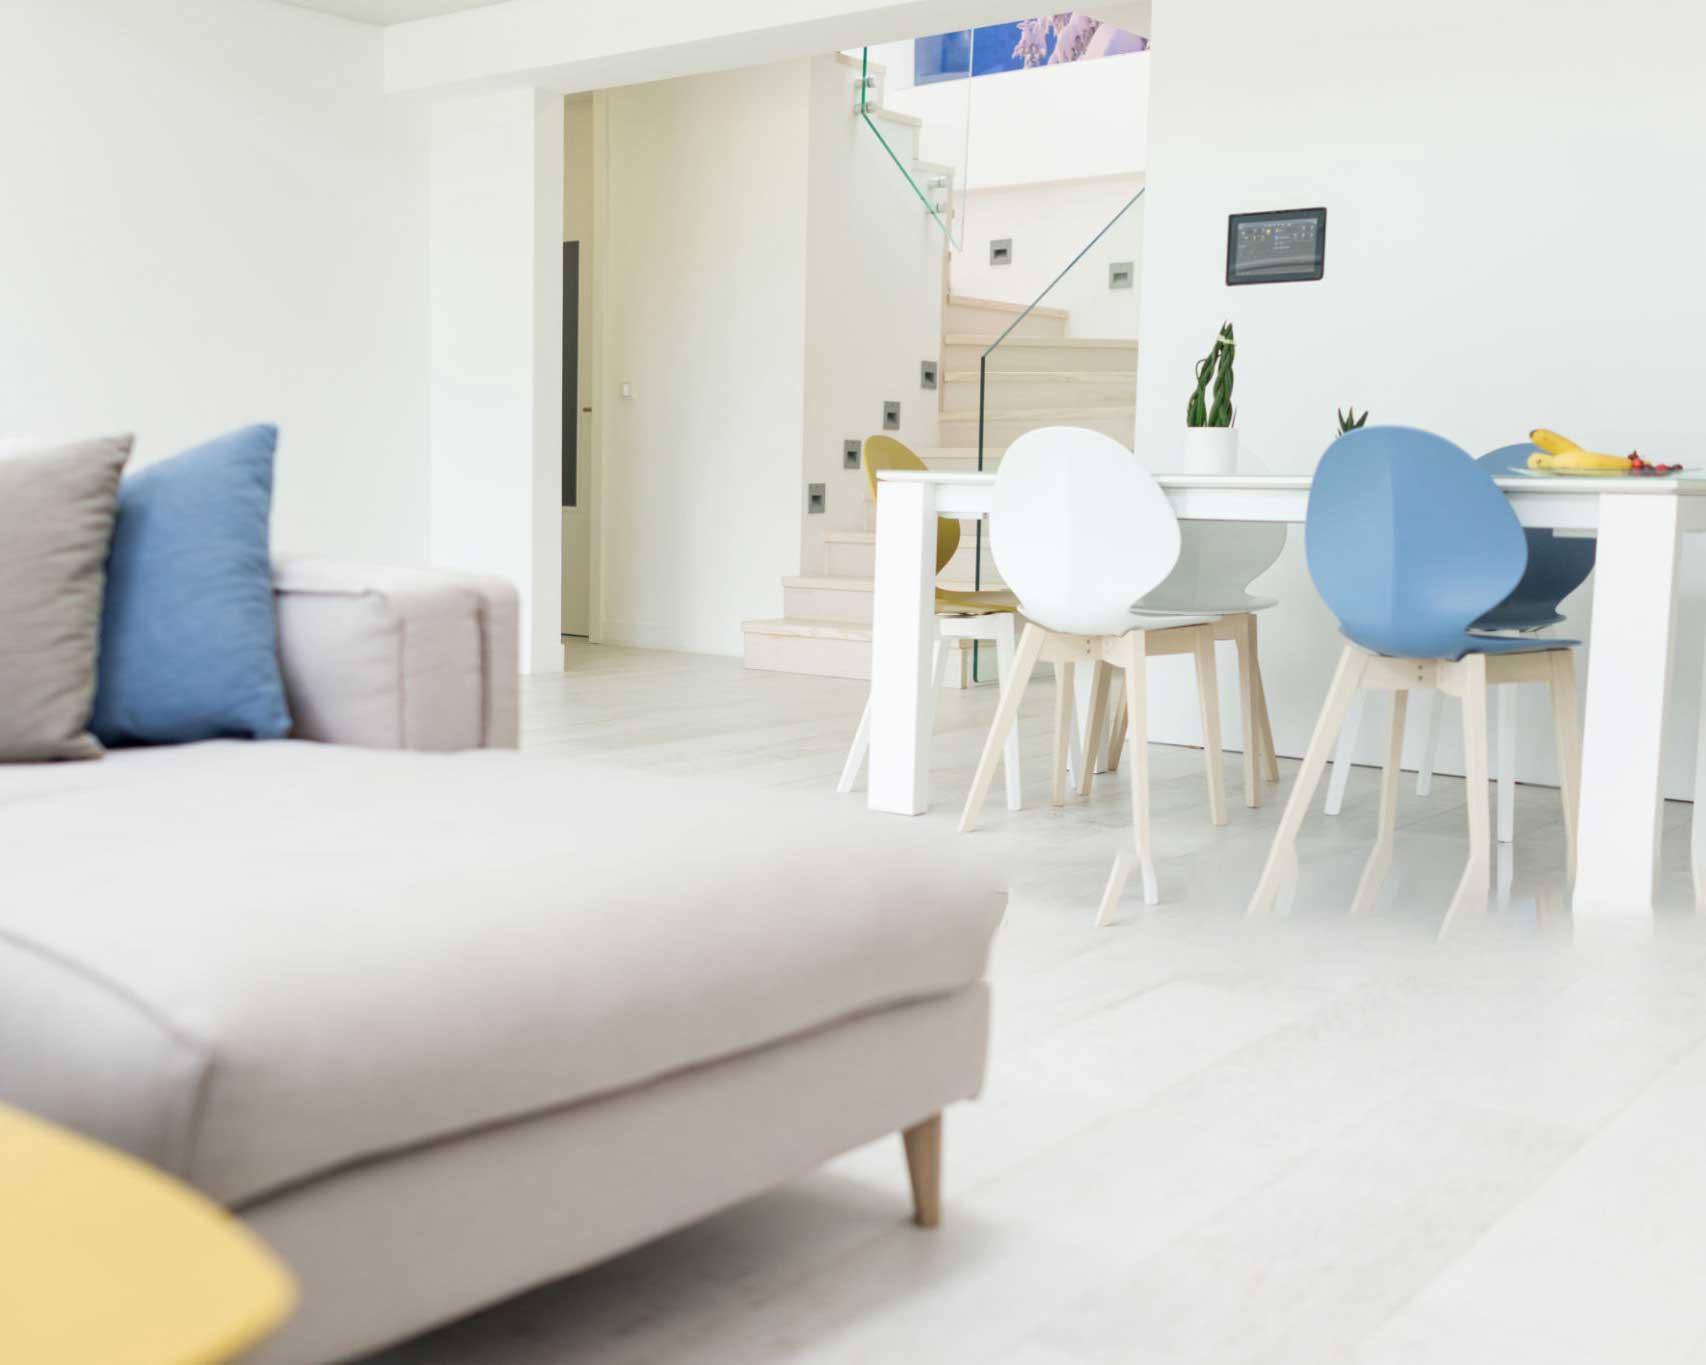 ترموستات اتاقی هوشمند و یک صندلی آبی و سفید و تخت خواب کرمی و تعدادی موز روی میز